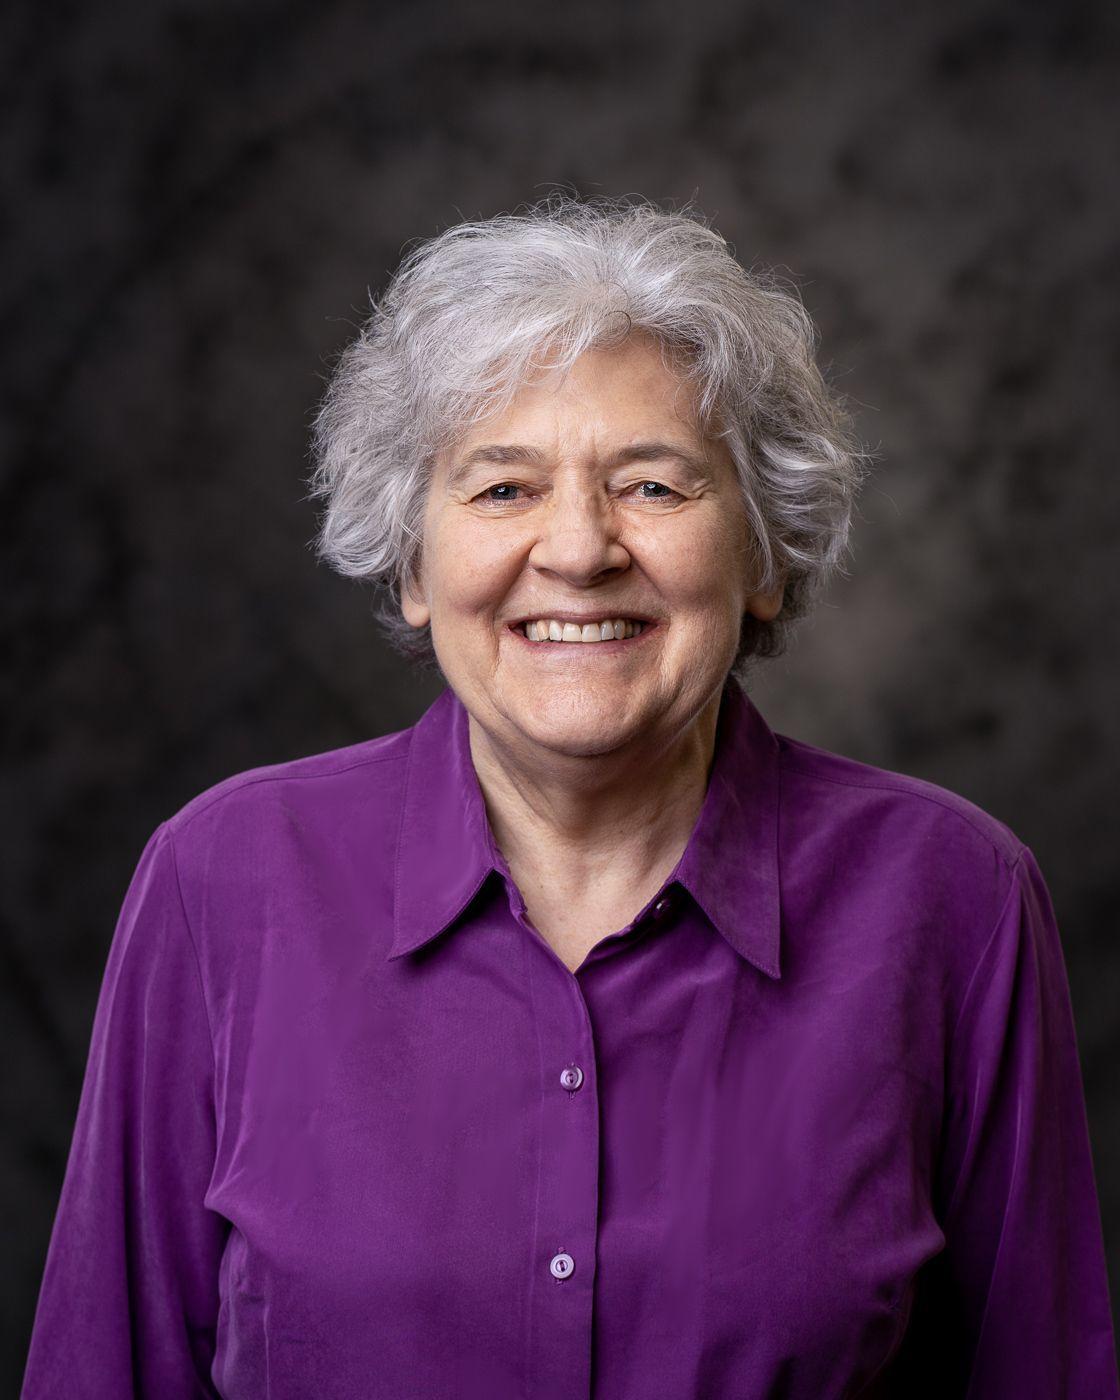 Eugenie Drayton